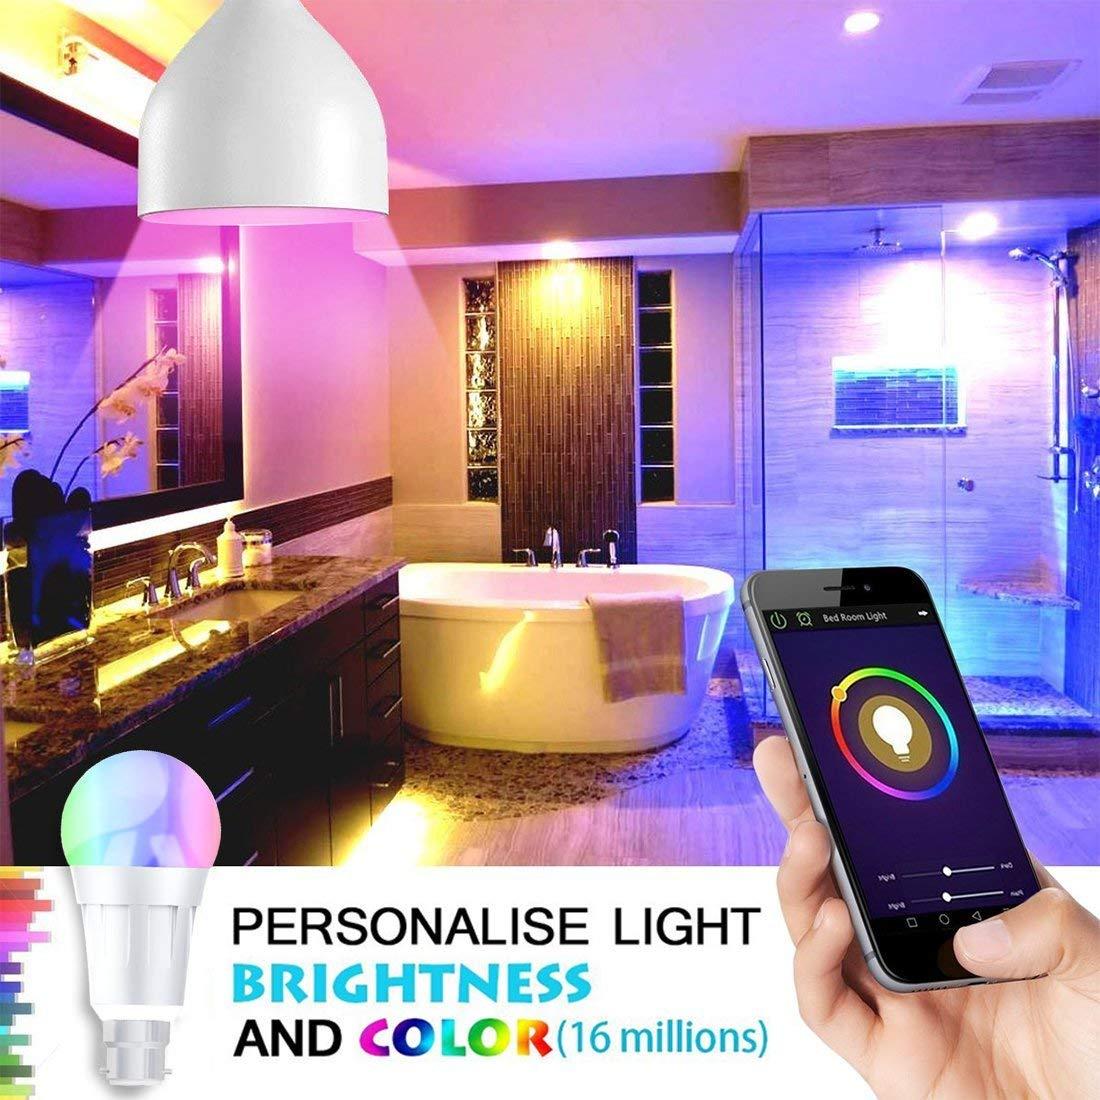 B22-1Pack Smart Alexa Lampe,Alexa Wifi LED Gl/ühbirne,7W B22 RGB Dimmbar Kompatibel Mit  Alexa,steuerbar via App,mehrfarbige Farbwechsel Wake Up Lights,arbeiten mit Alexa und Google Home Fernbe